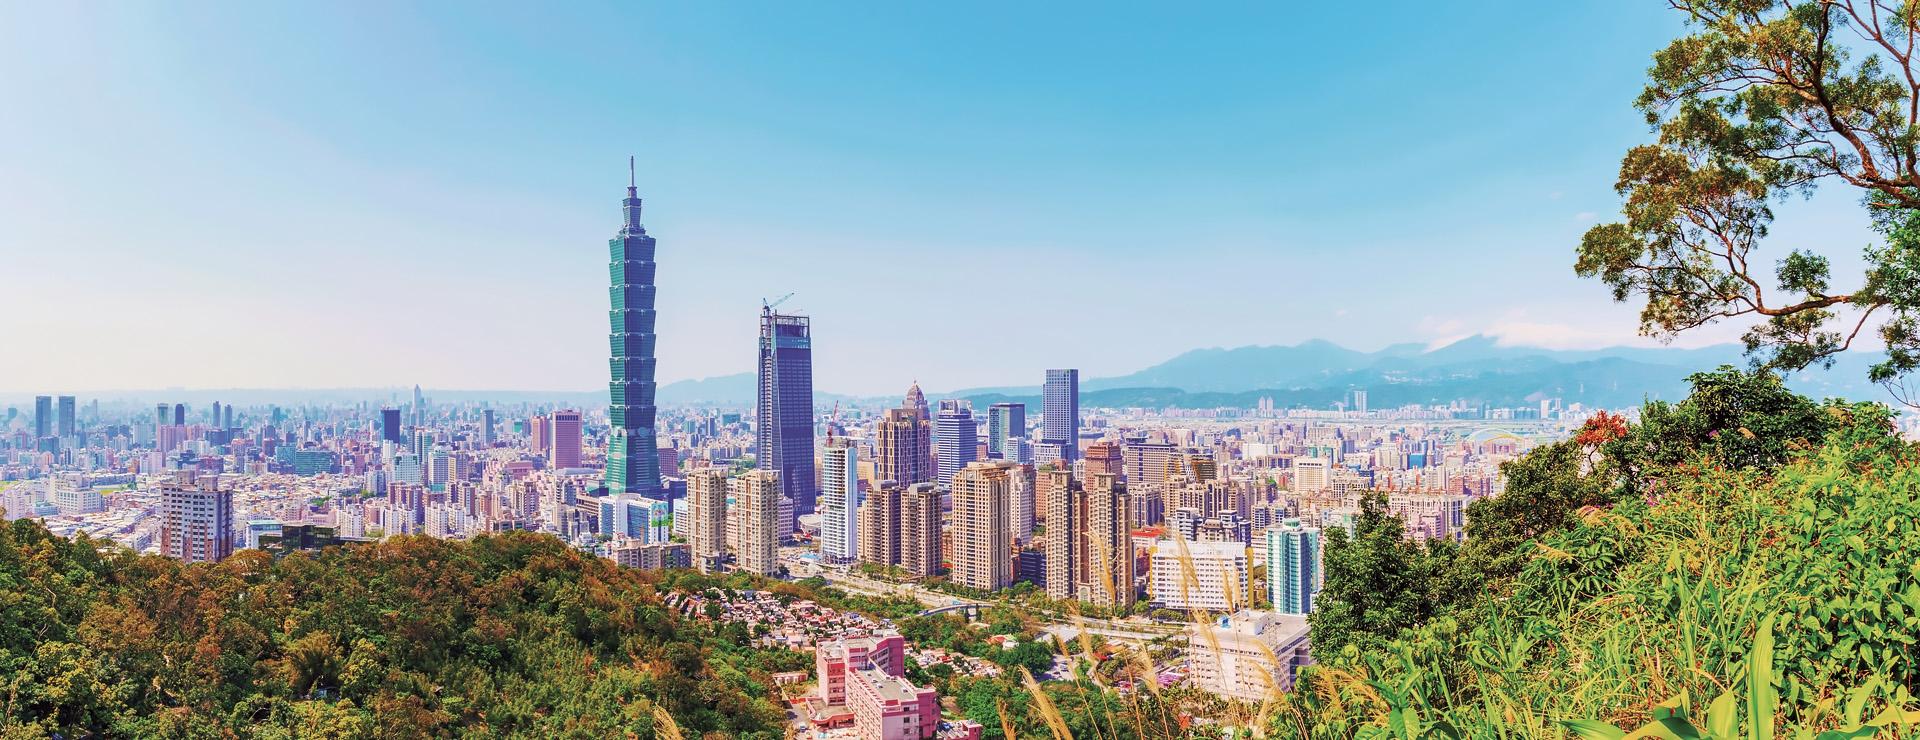 Taiwan – Taipei